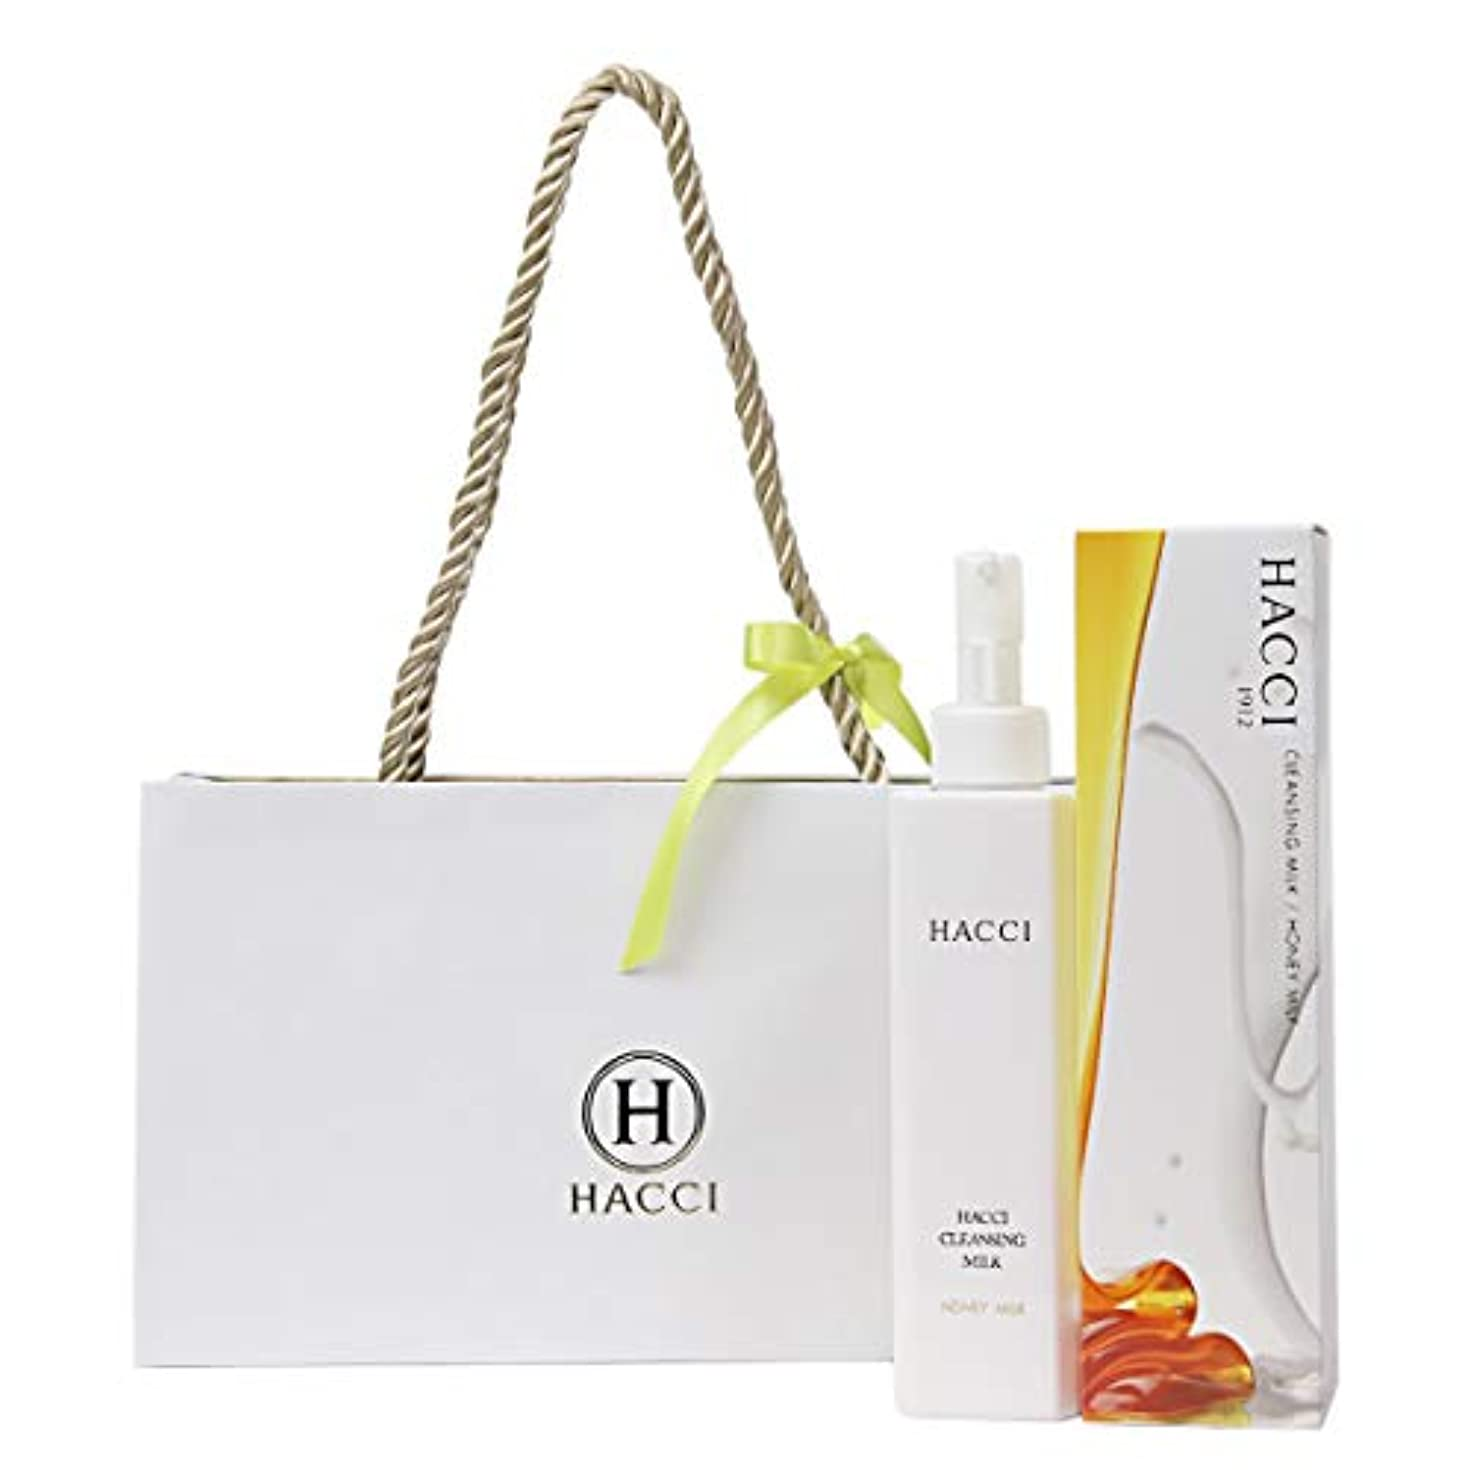 ヨーグルト承認法医学[セット品] ギフト仕様紙袋付き HACCI ハッチ 1912 クレンジングミルク 80g